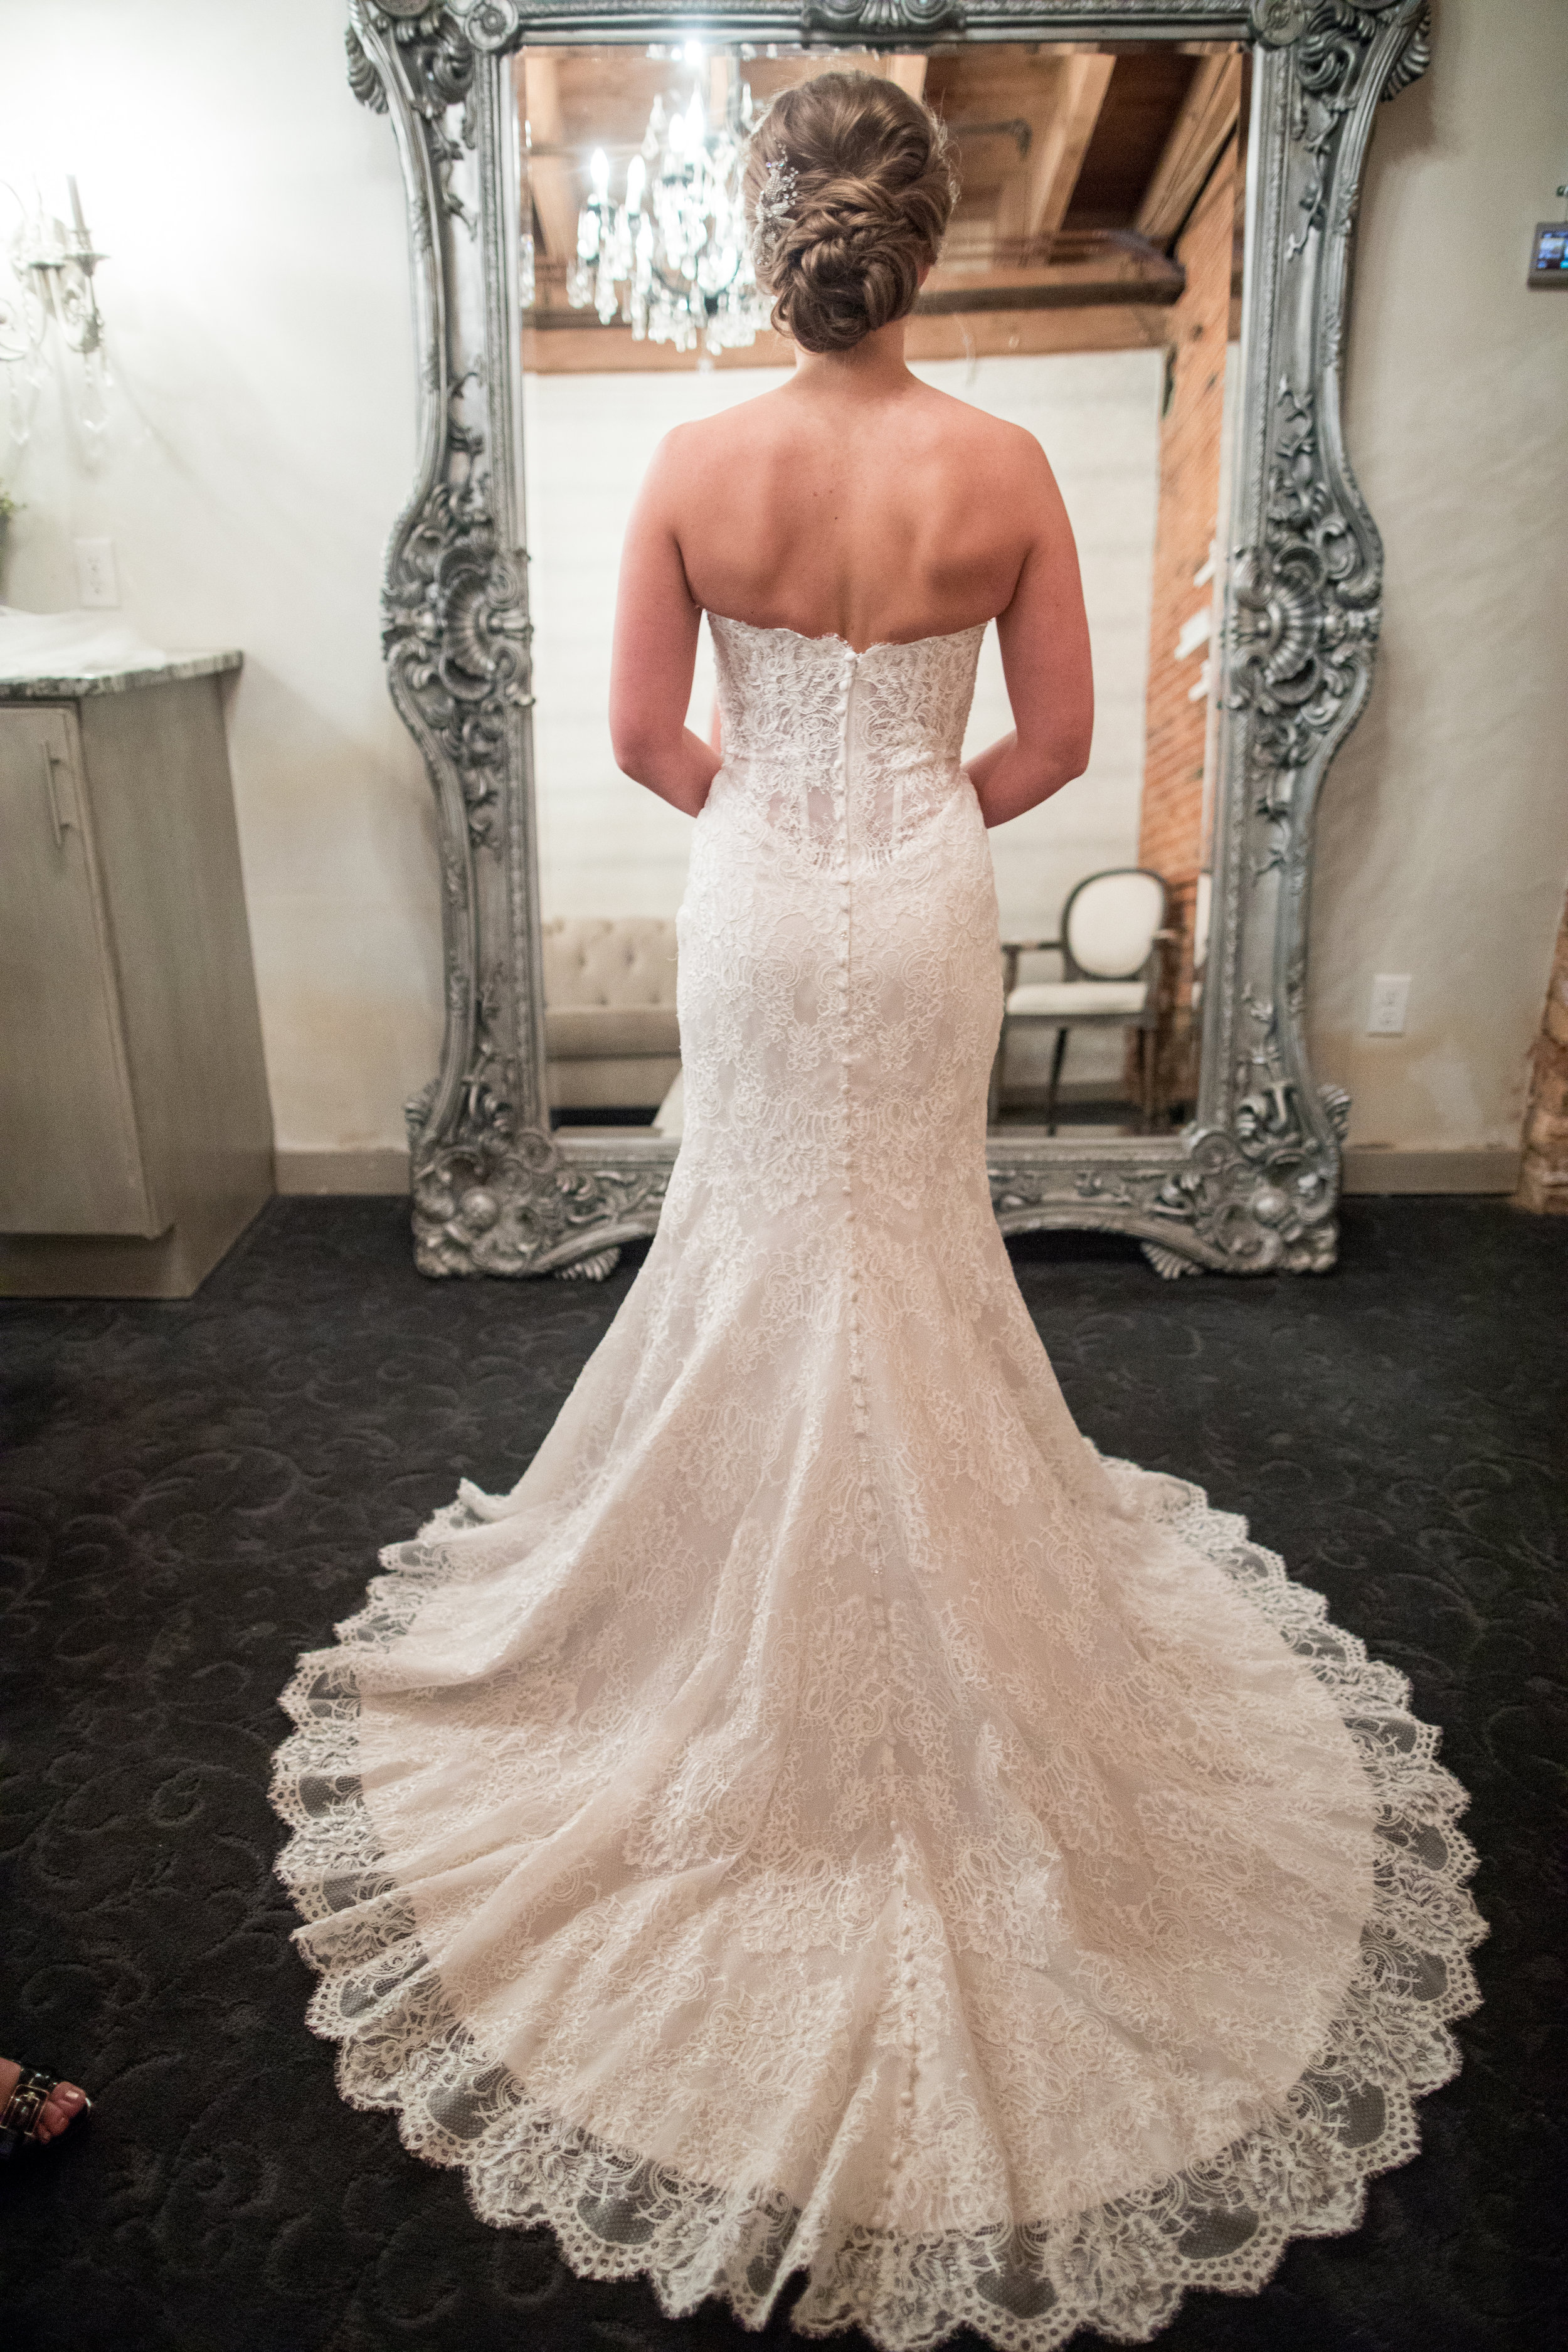 Bride Getting Ready-1.jpg